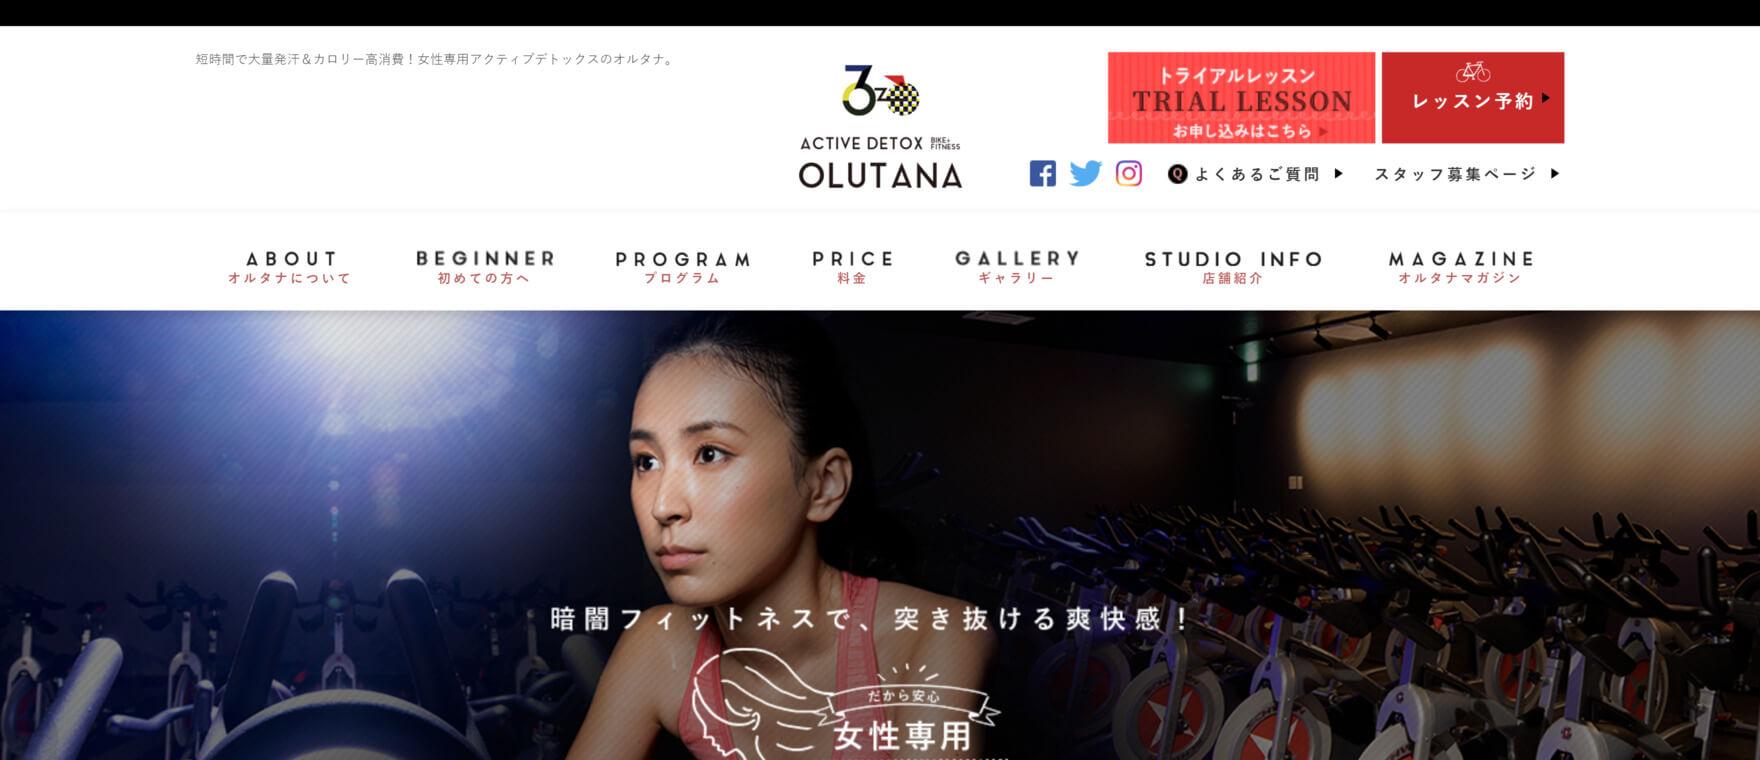 オルタナ市川店のイメージ画像